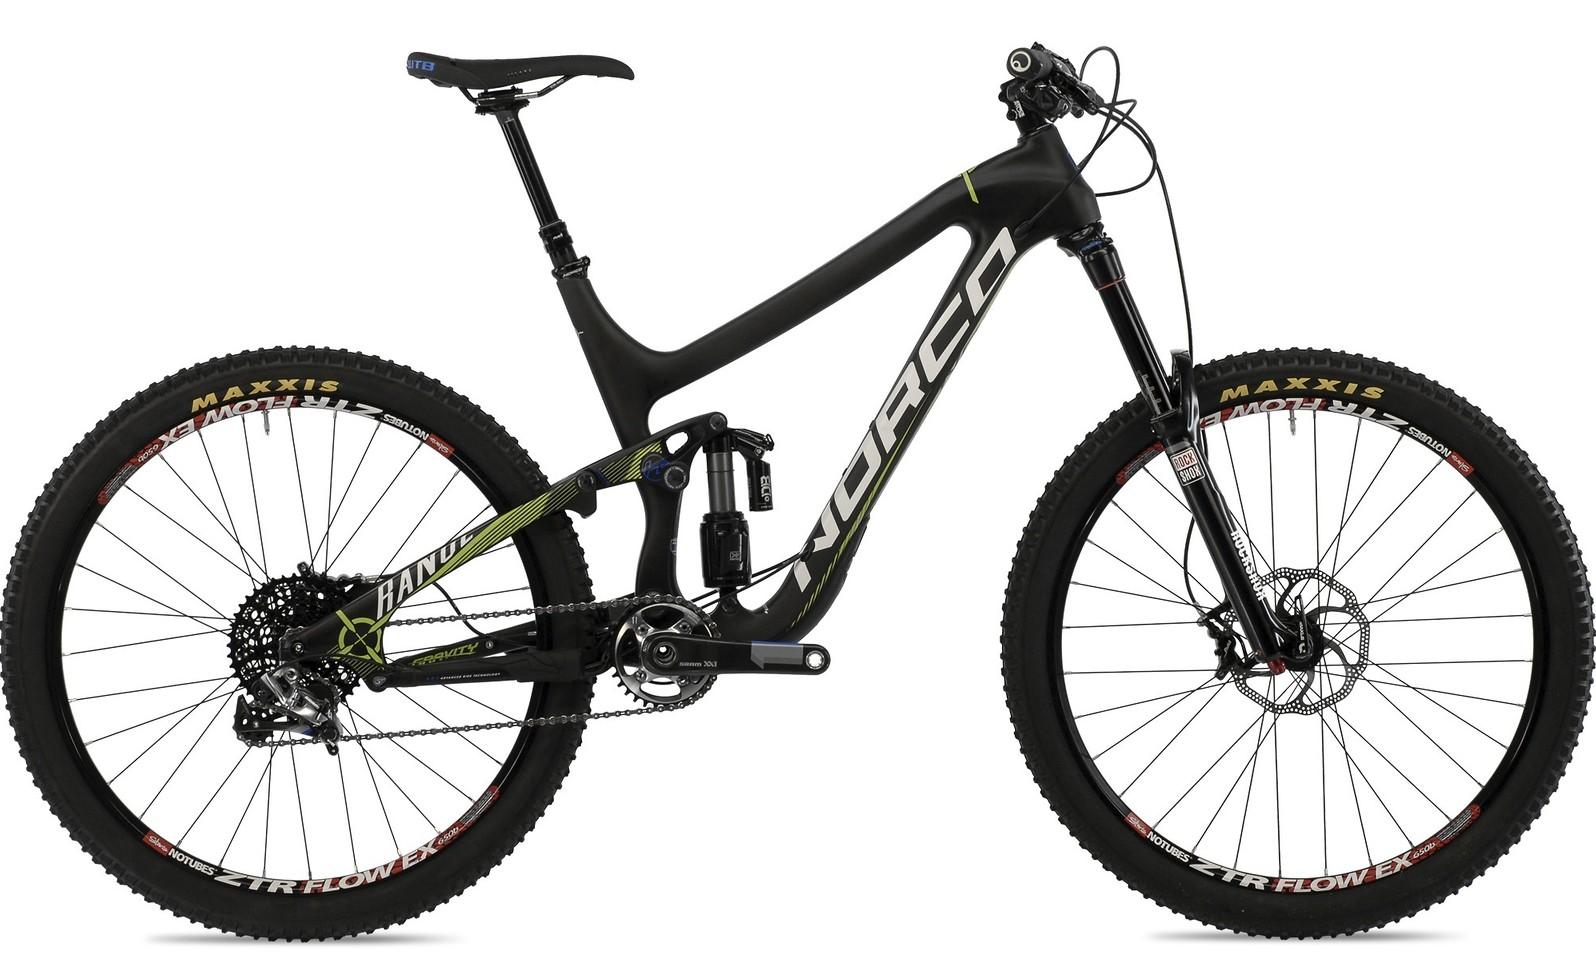 bike - 2014 Norco Range Carbon LE